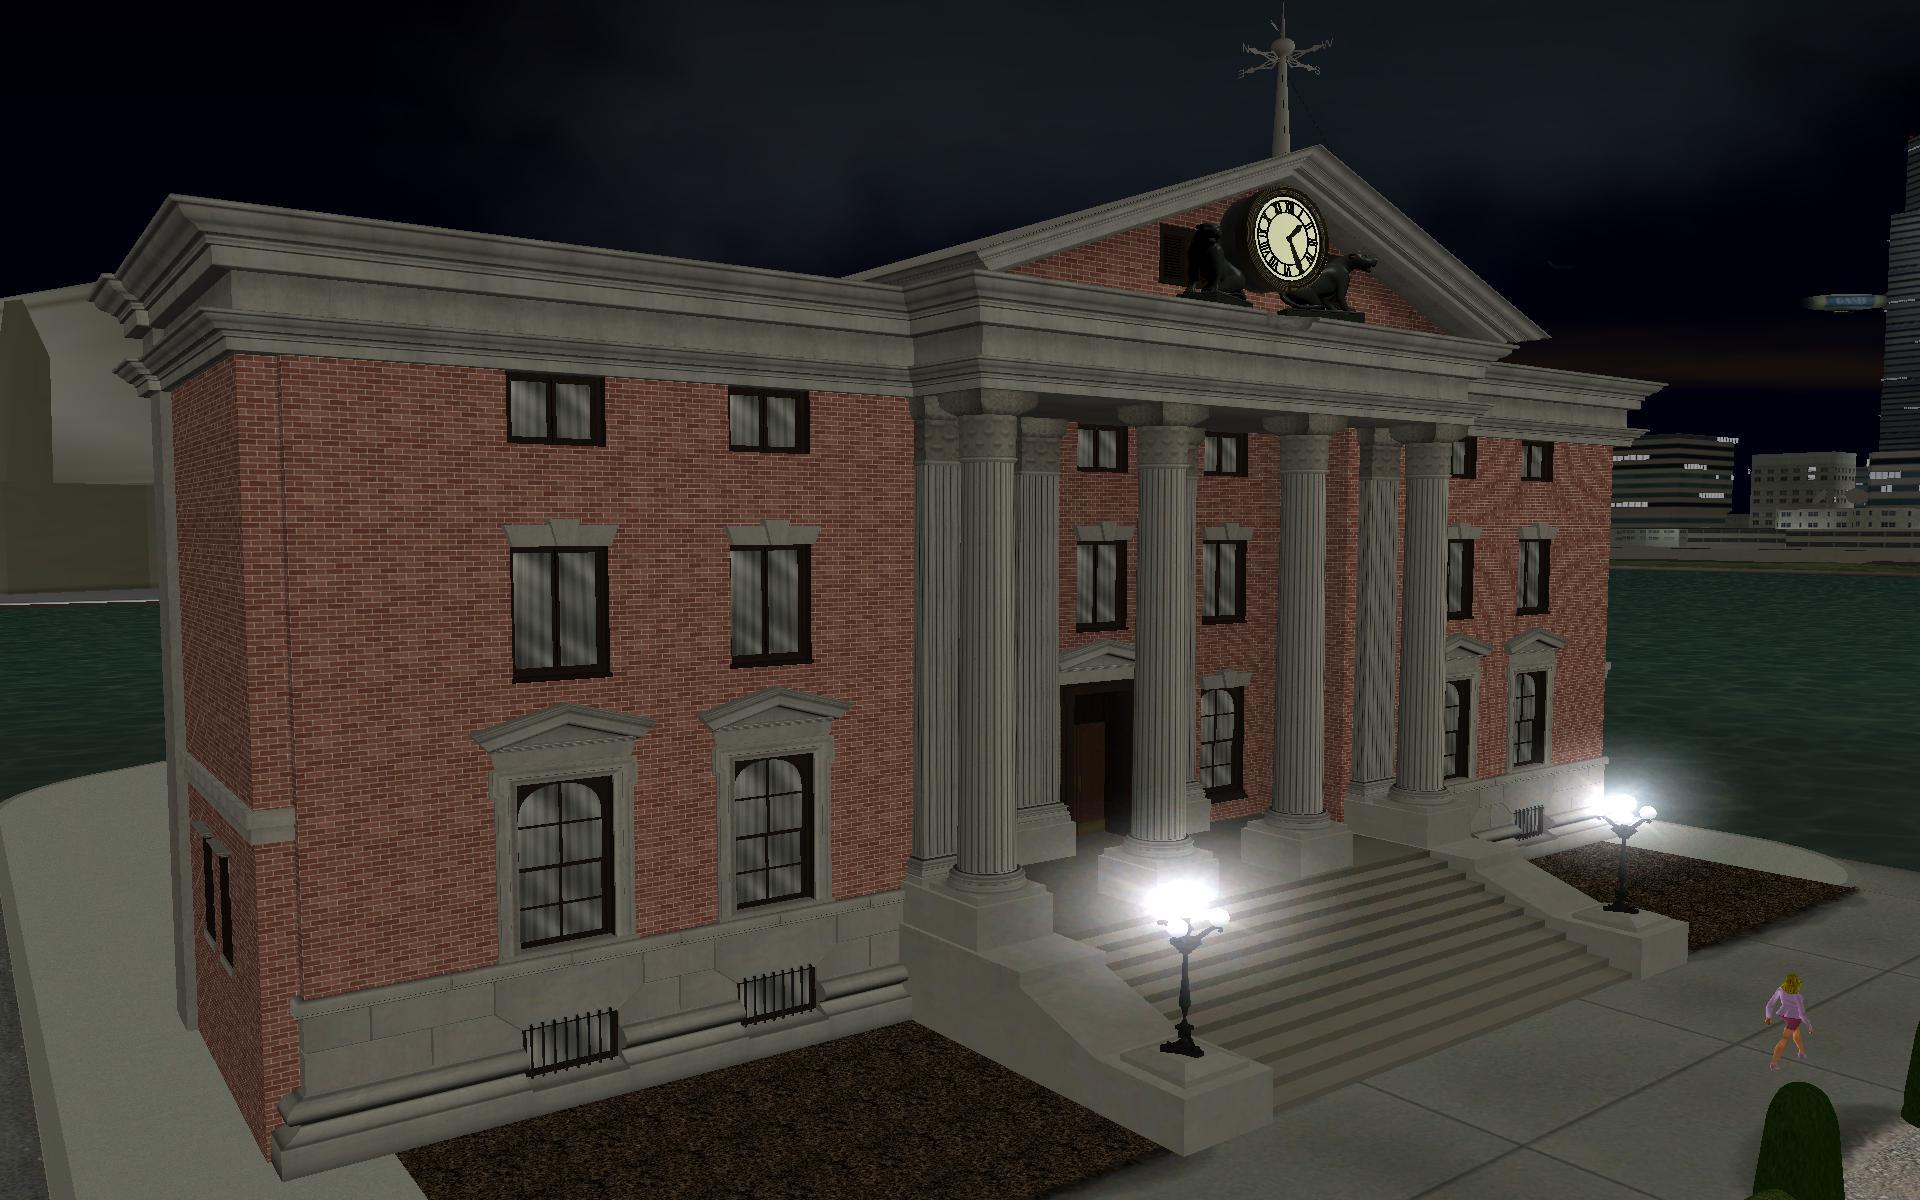 09-clocktower-ingame-night.jpg